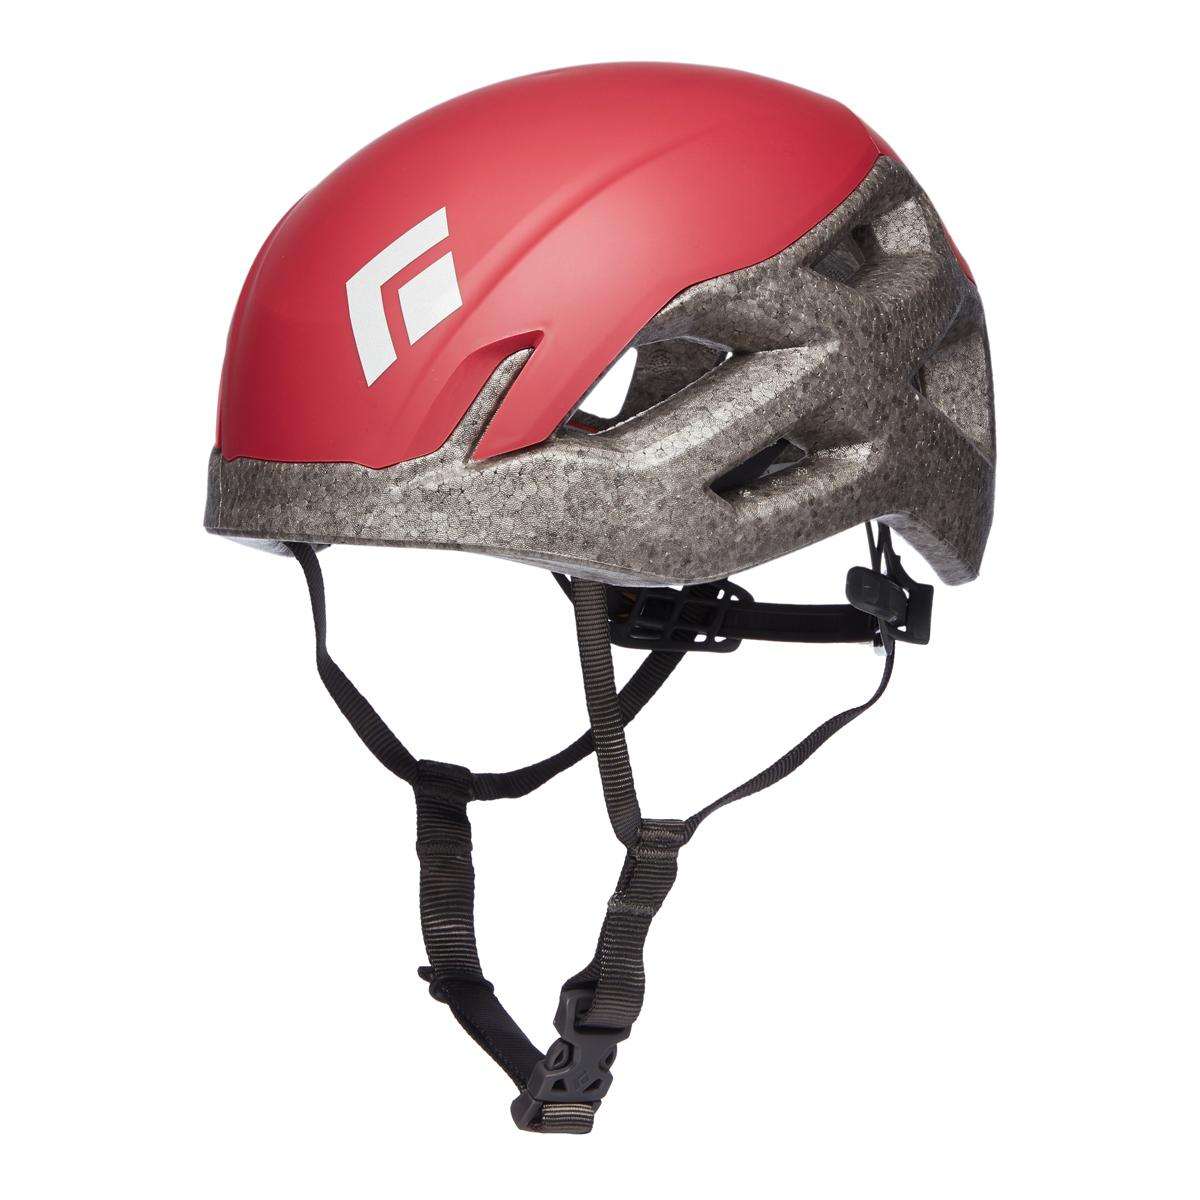 ブラックダイヤモンドのヘルメットで最も堅牢なモデル EPPとEPS 2つのフォームにポリカーボネートシェルを組み合わせることで220g S M の軽さと耐久性を両立 Black ブラックダイヤモンド Diamond ビジョン BD12056 クライミングヘルメット 着後レビューで 送料無料 毎週更新 ウィメンズ